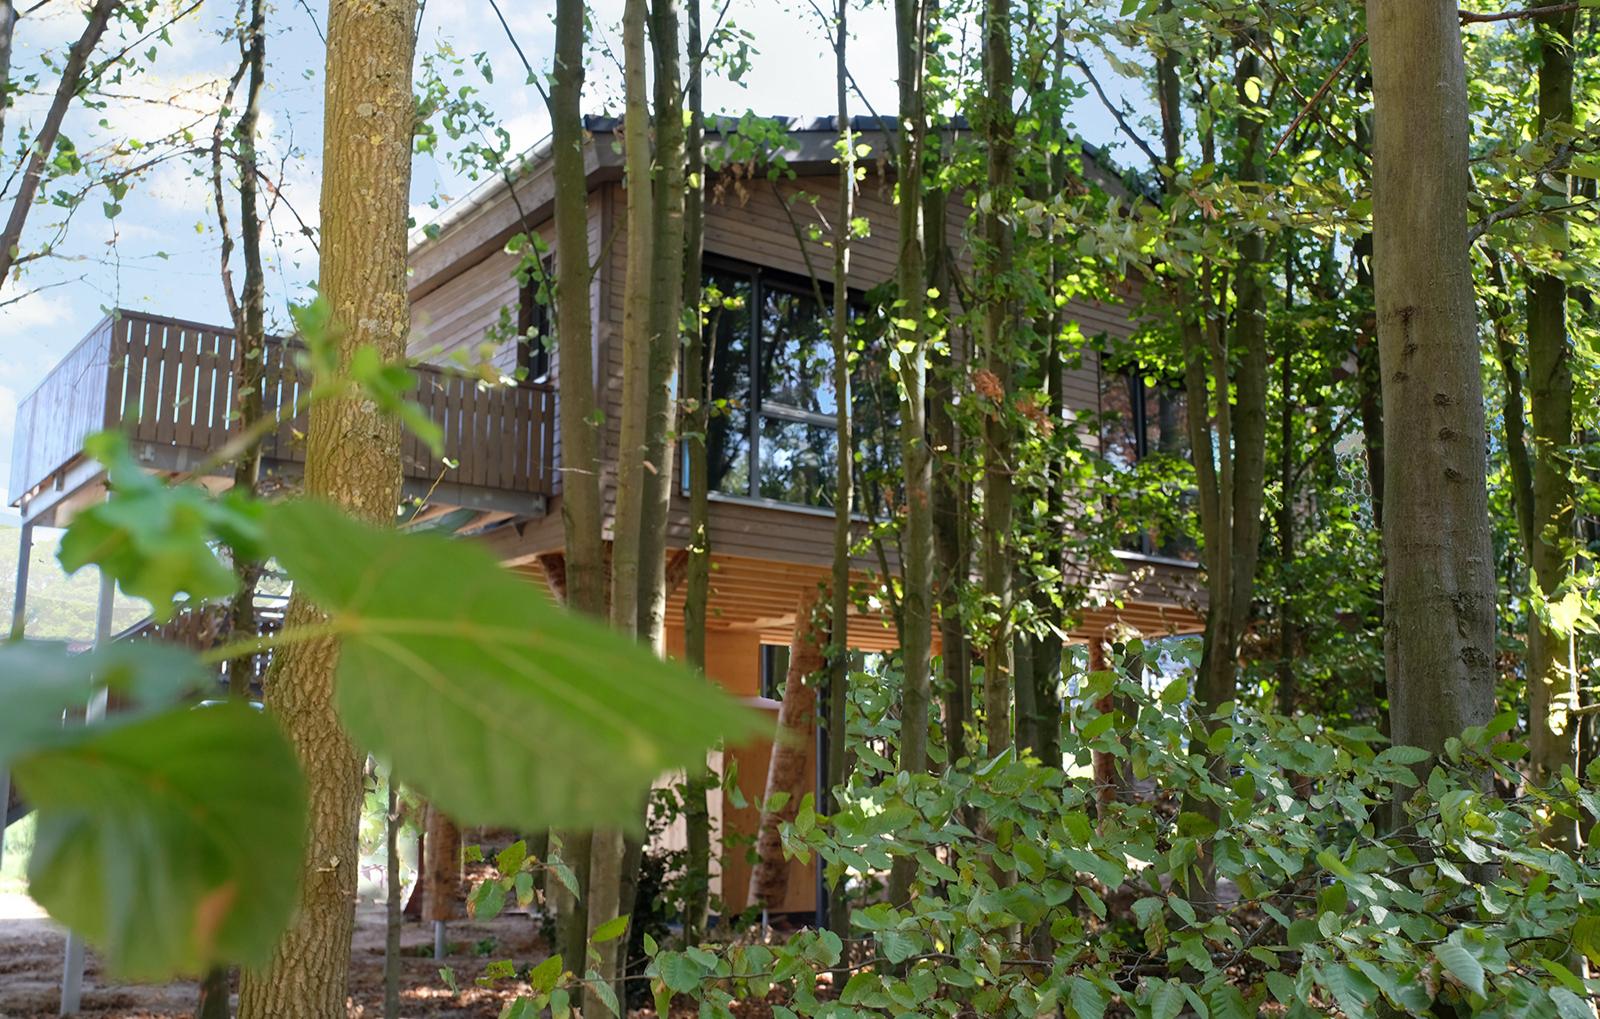 baumhaushotel-neuss-bg11630504168